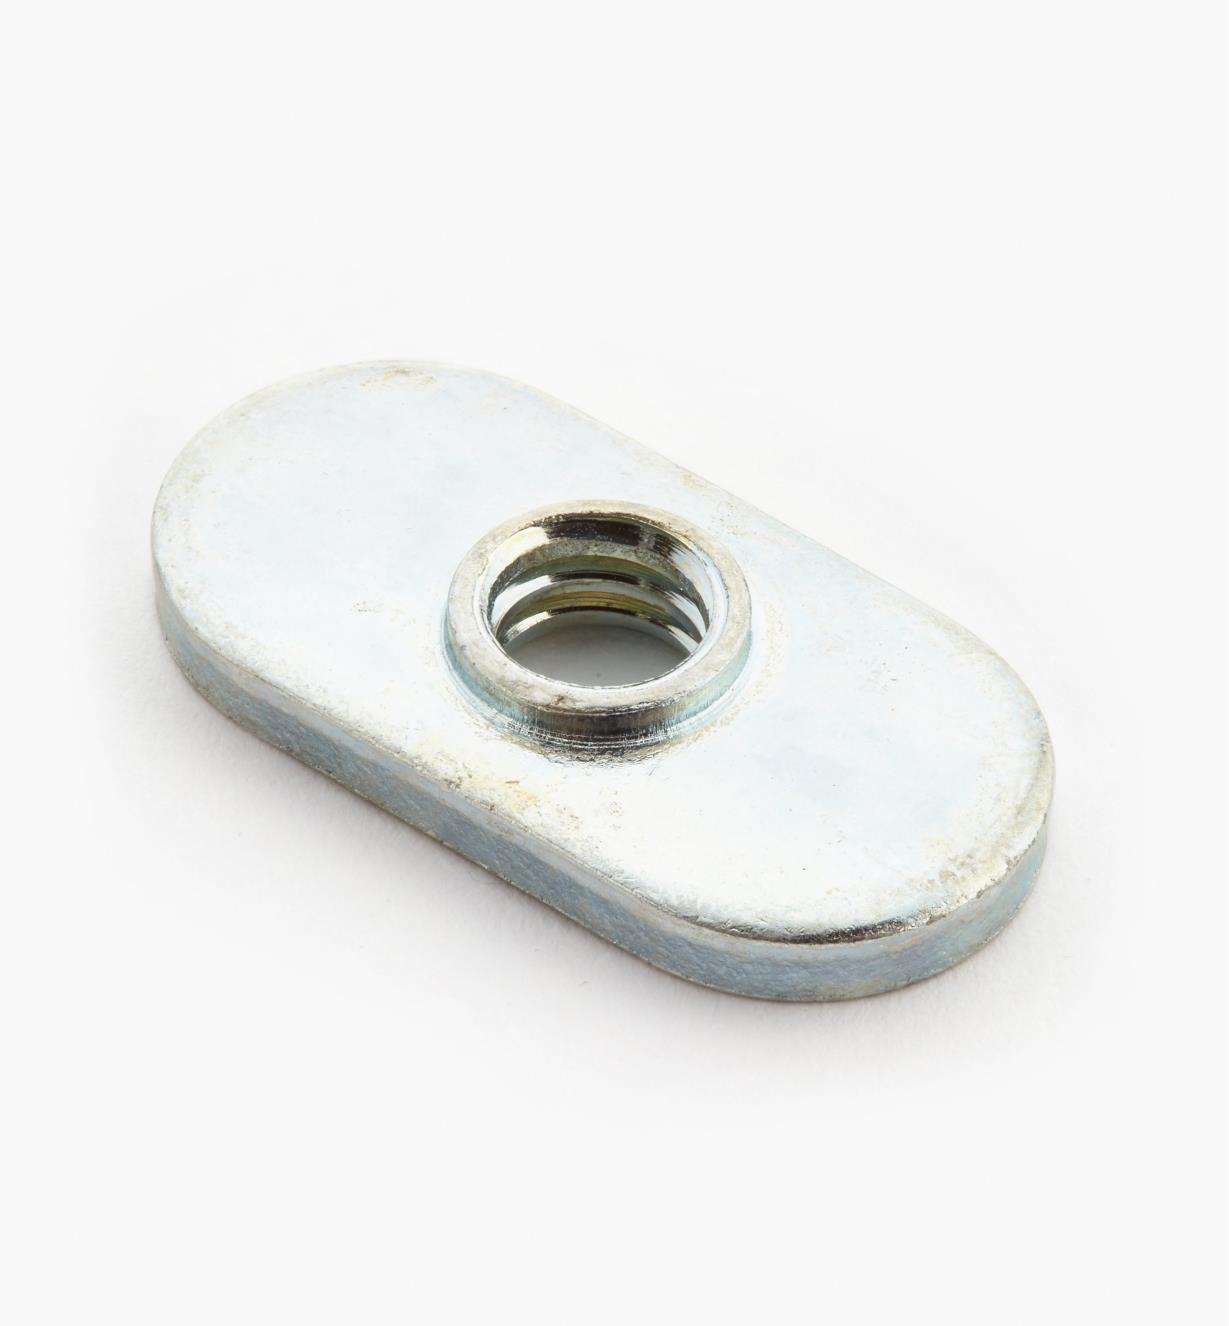 05J2115 - 1/4 20 T-Slot Nuts (10)